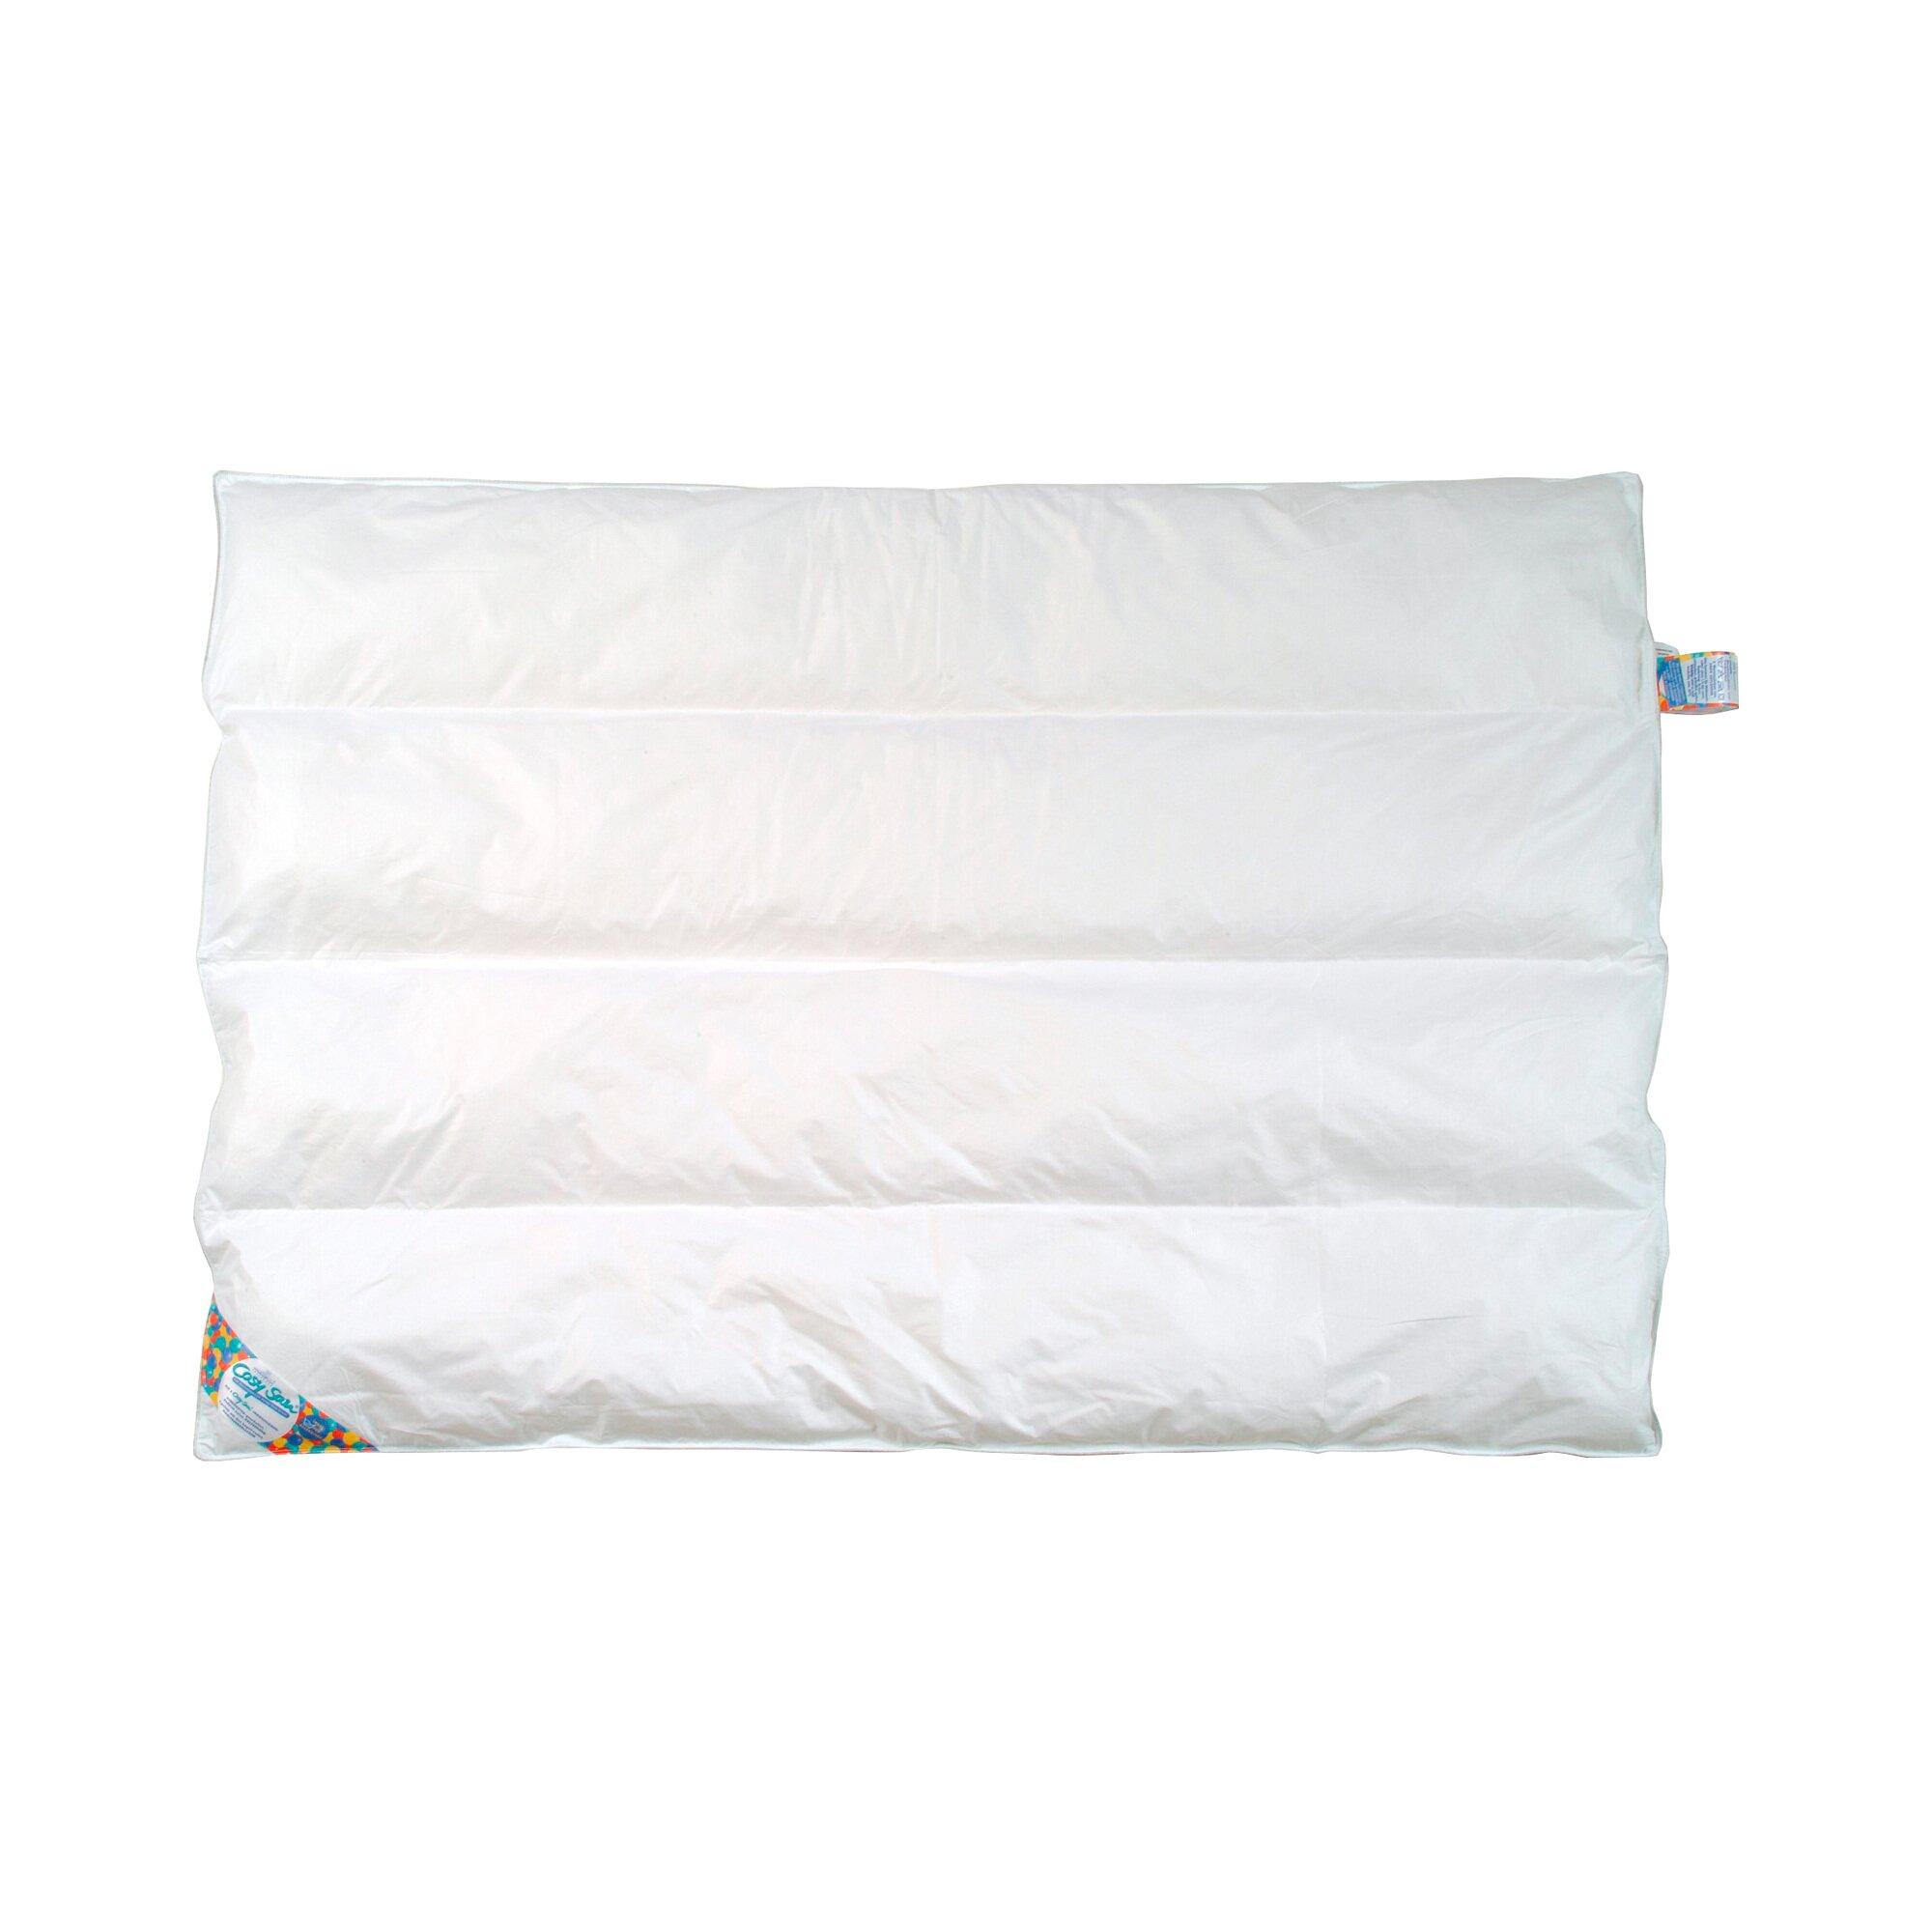 Aro Artländer Kinderbettdecke 100x135 cm Airfresh CosySan® weiss